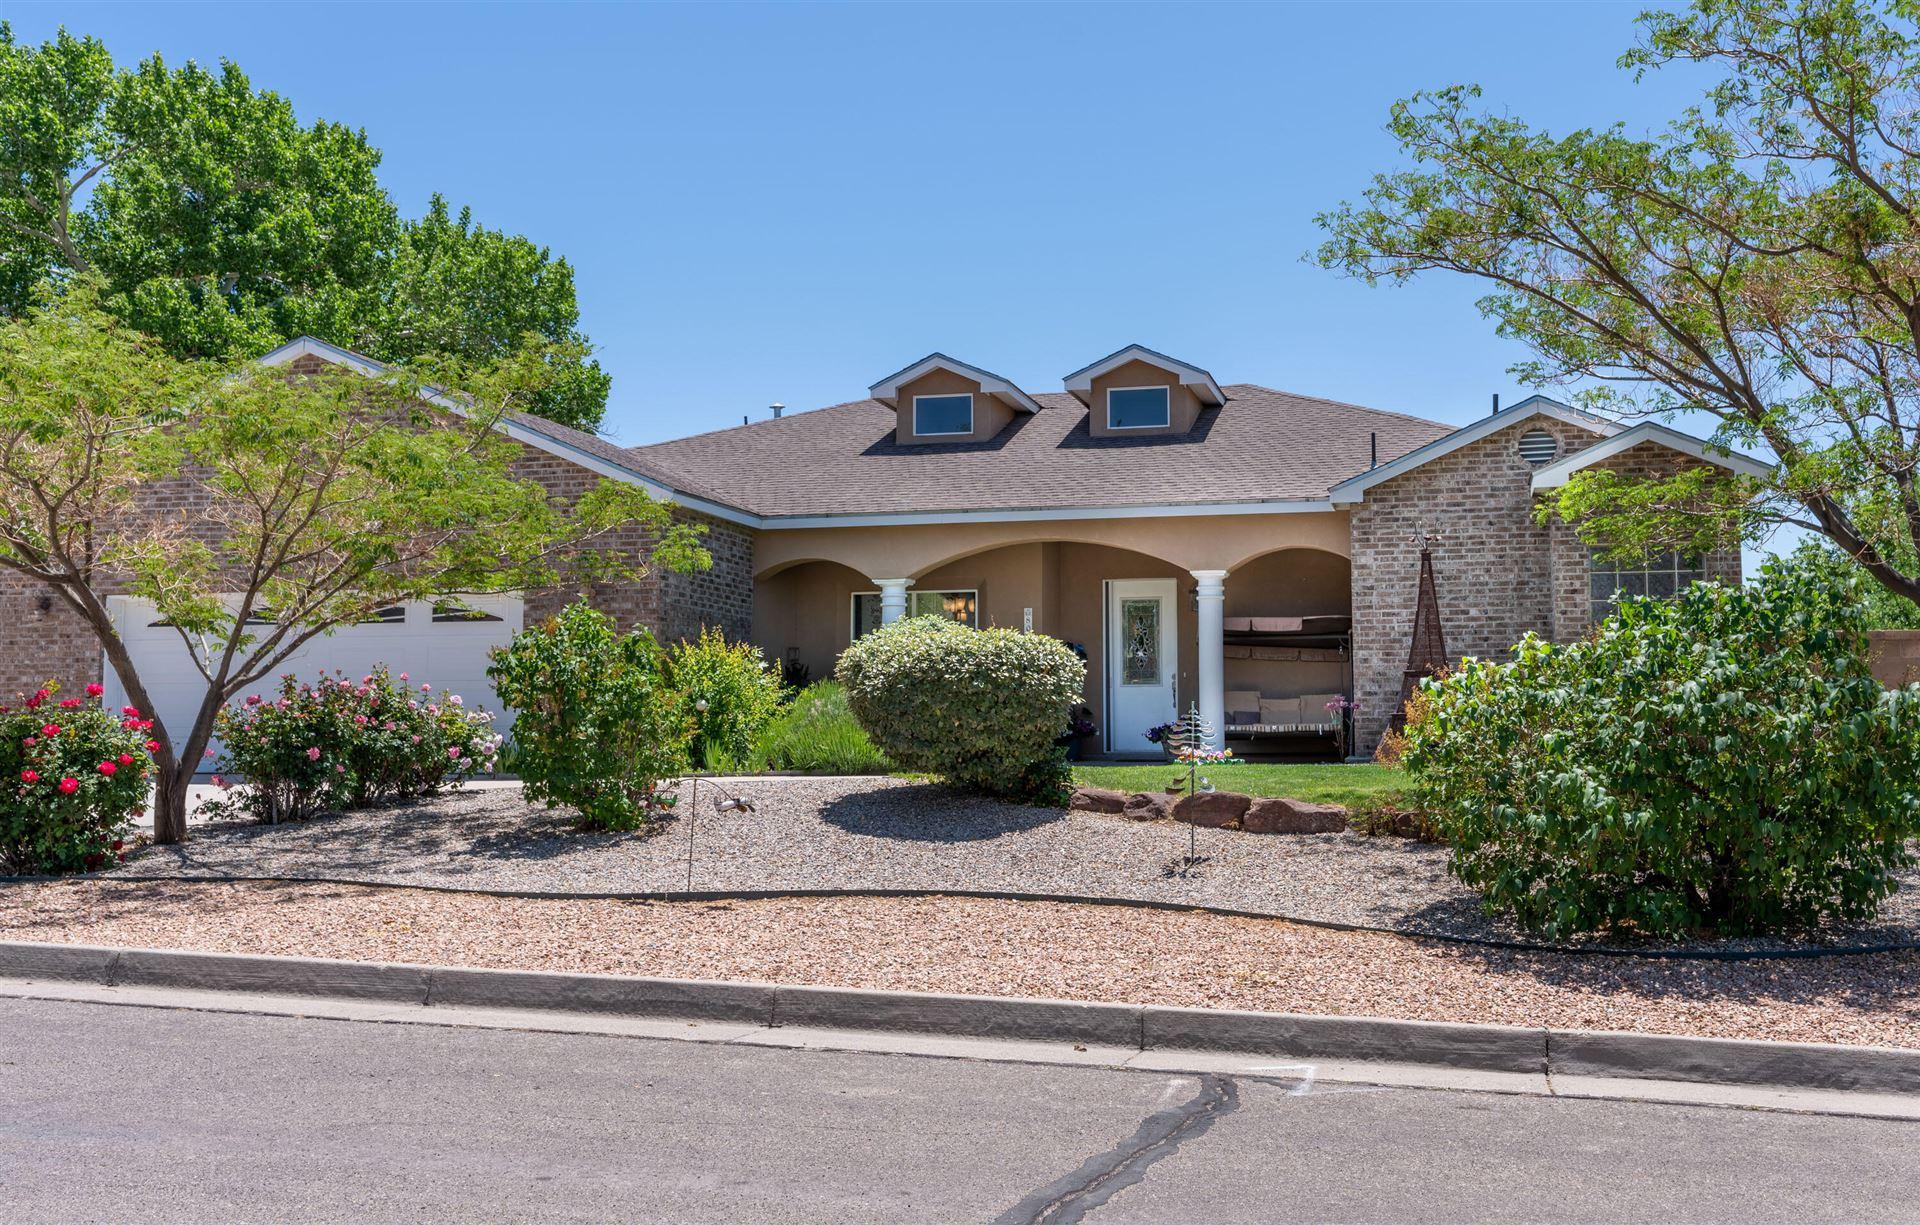 808 SUZANNE Lane SE, Albuquerque, NM 87123 - MLS#: 992408